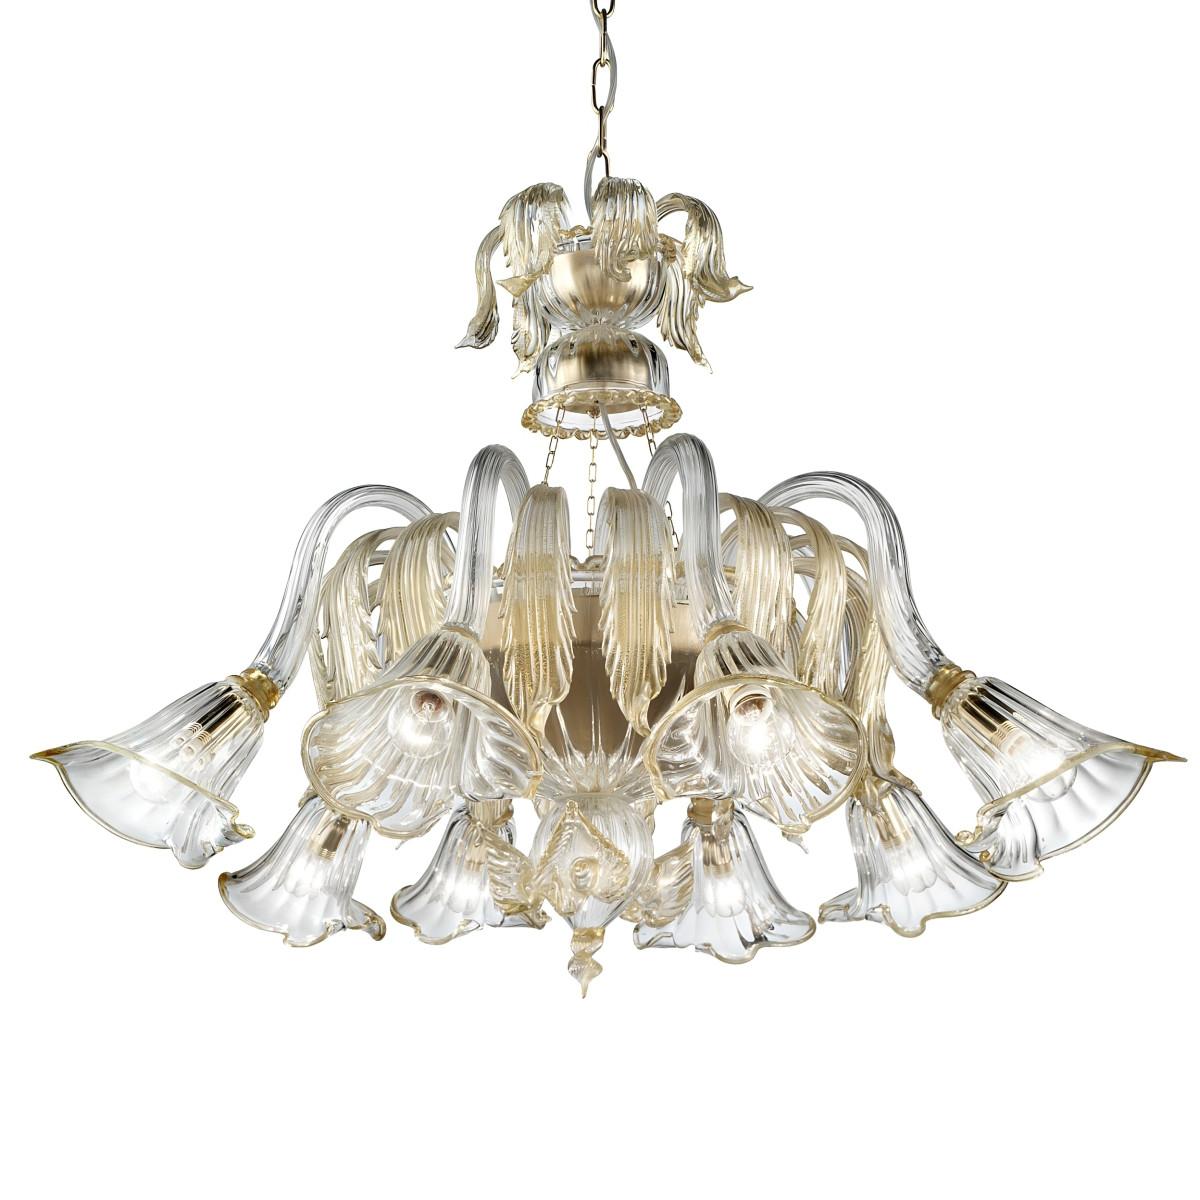 Laguna 8 lights Murano chandelier basket shape - transparent gold color